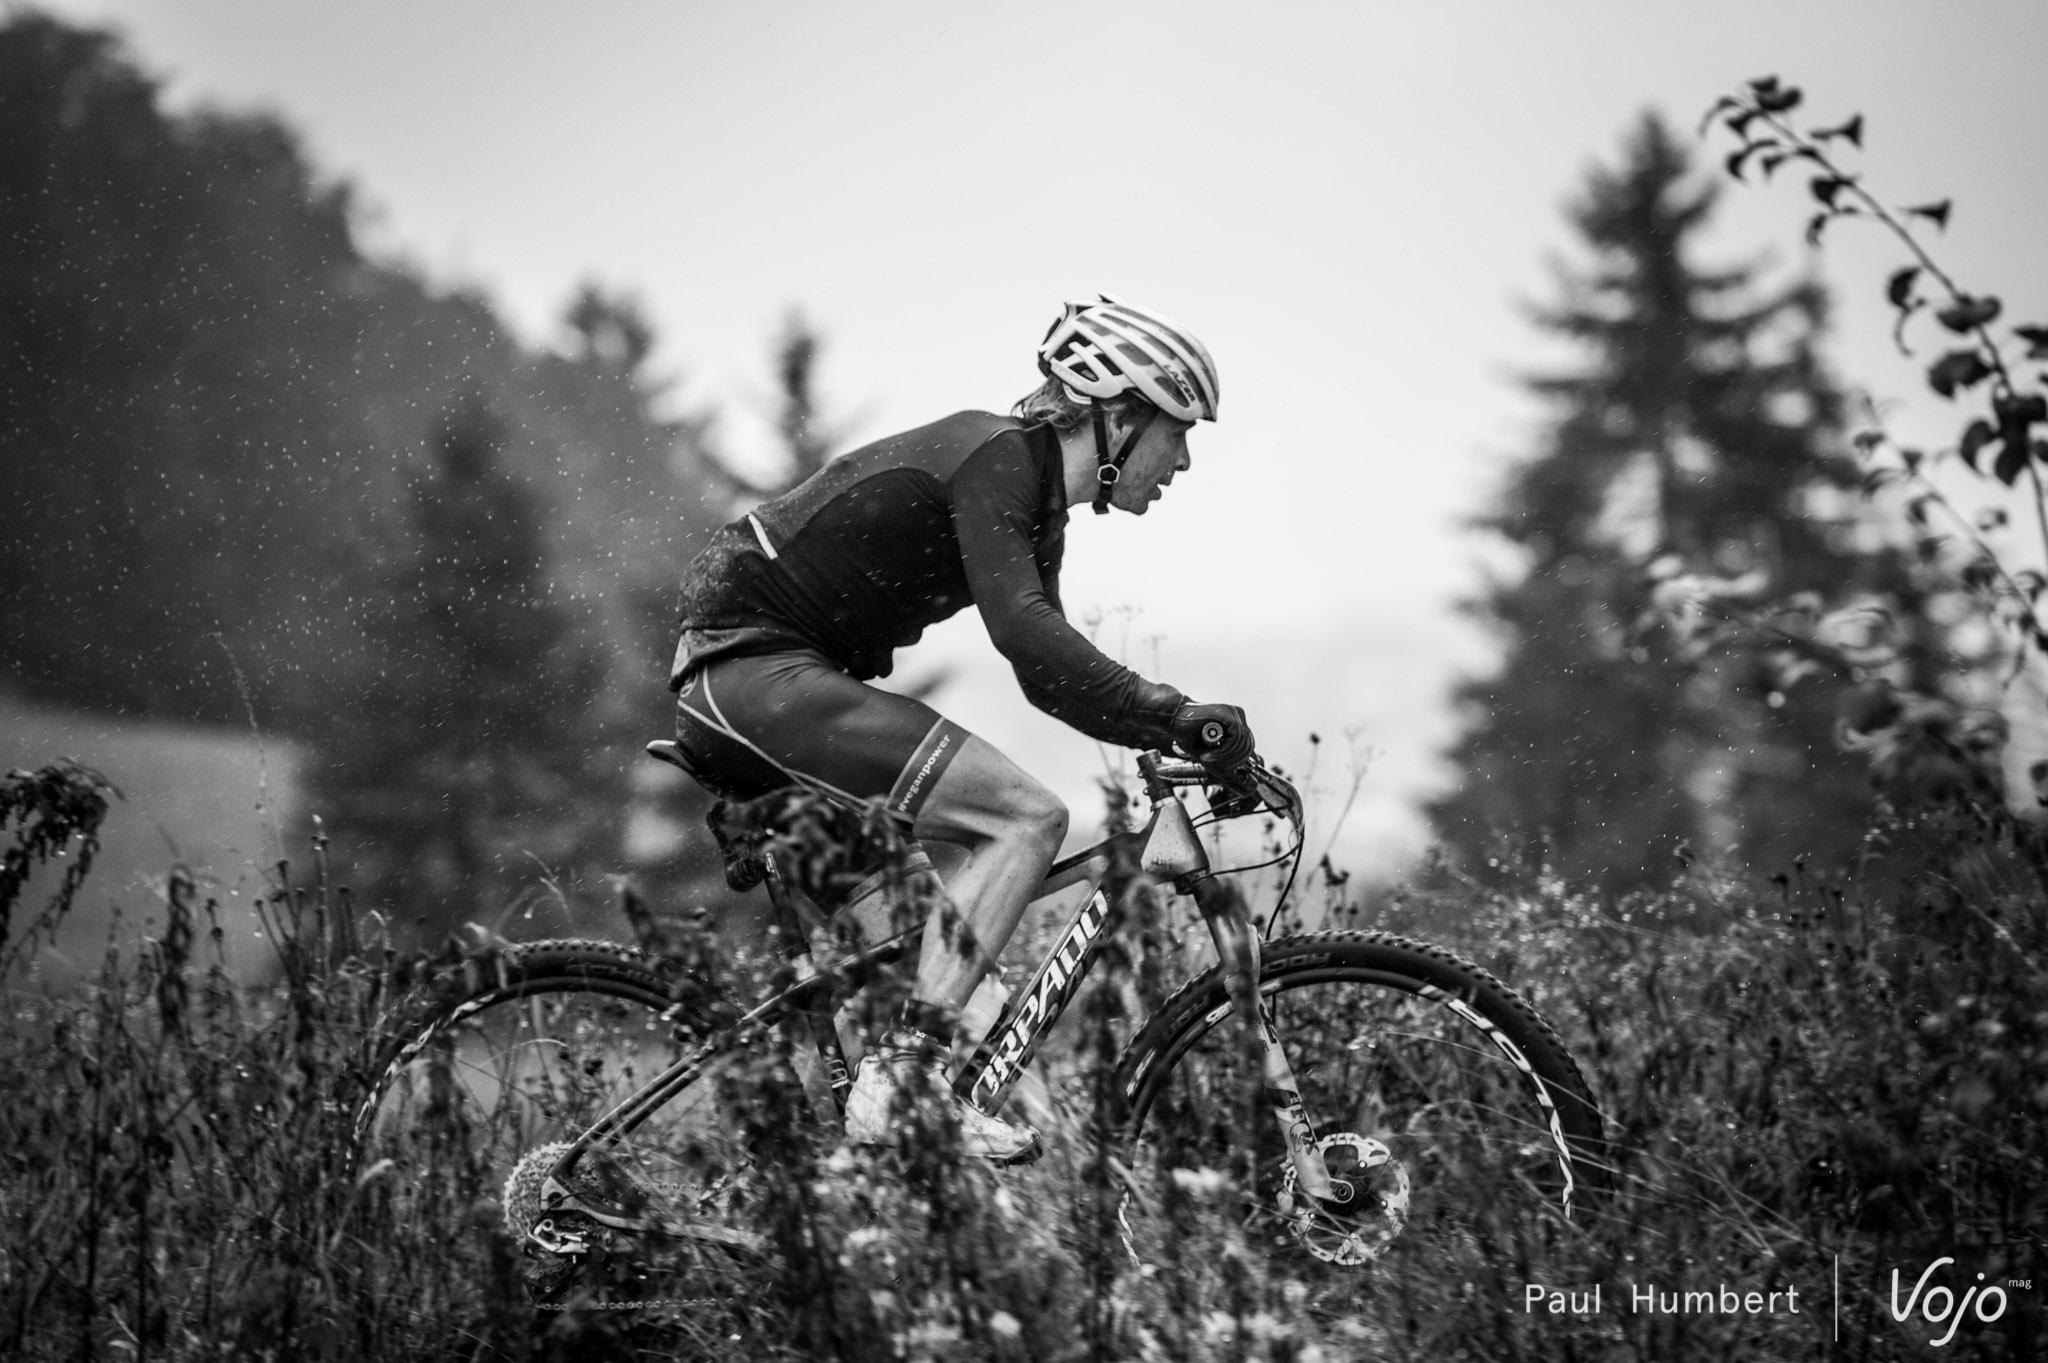 la-forestiere-2016-vojo-paul-humbert-23